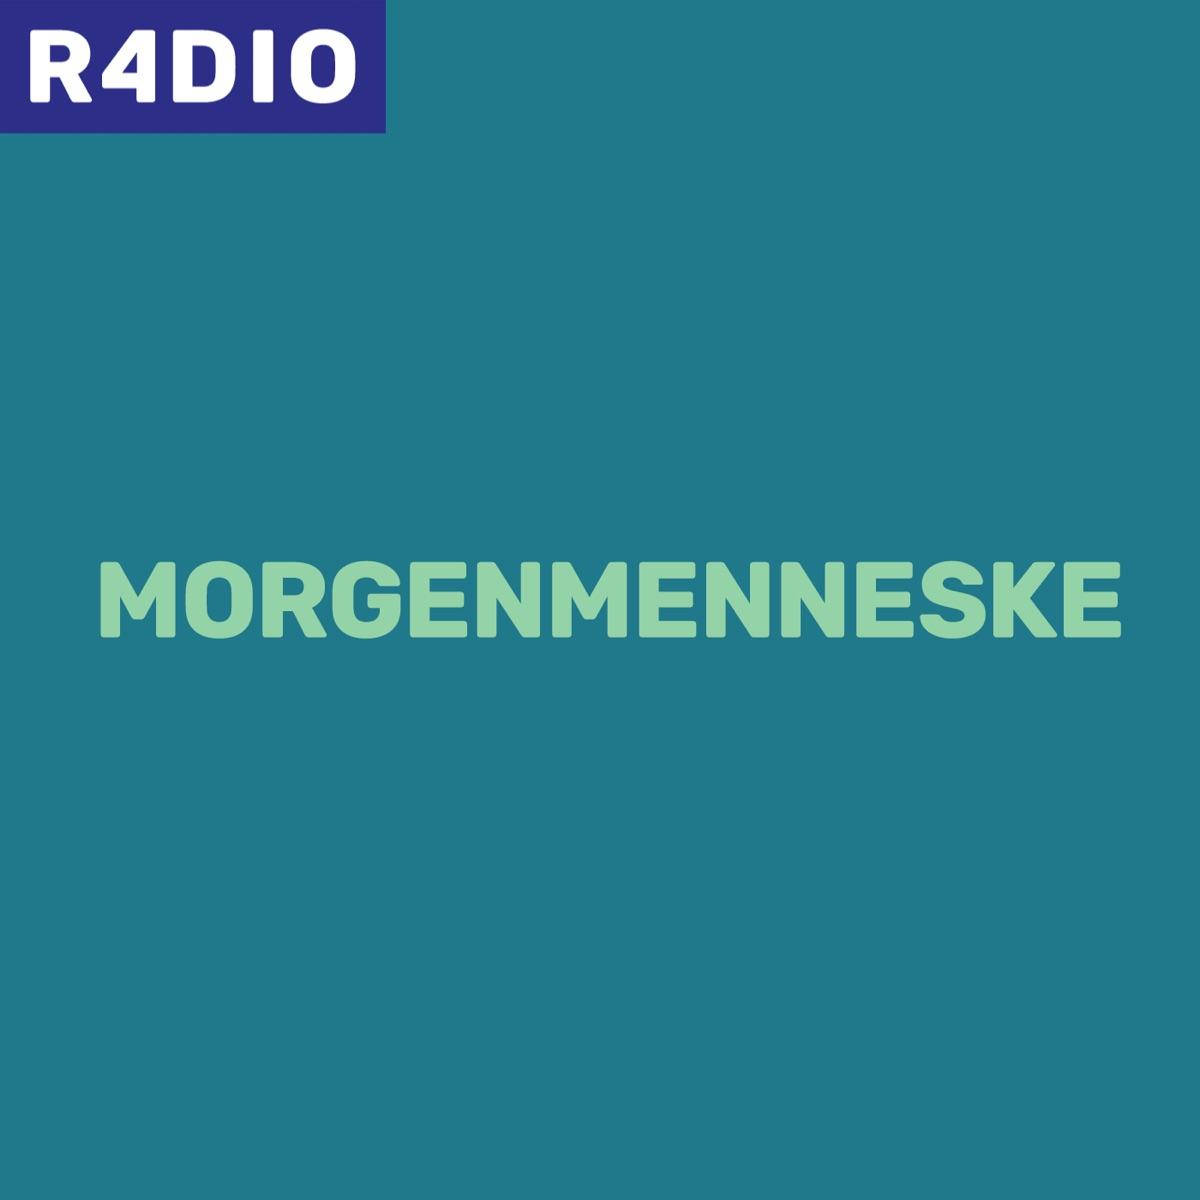 MORGENMENNESKE